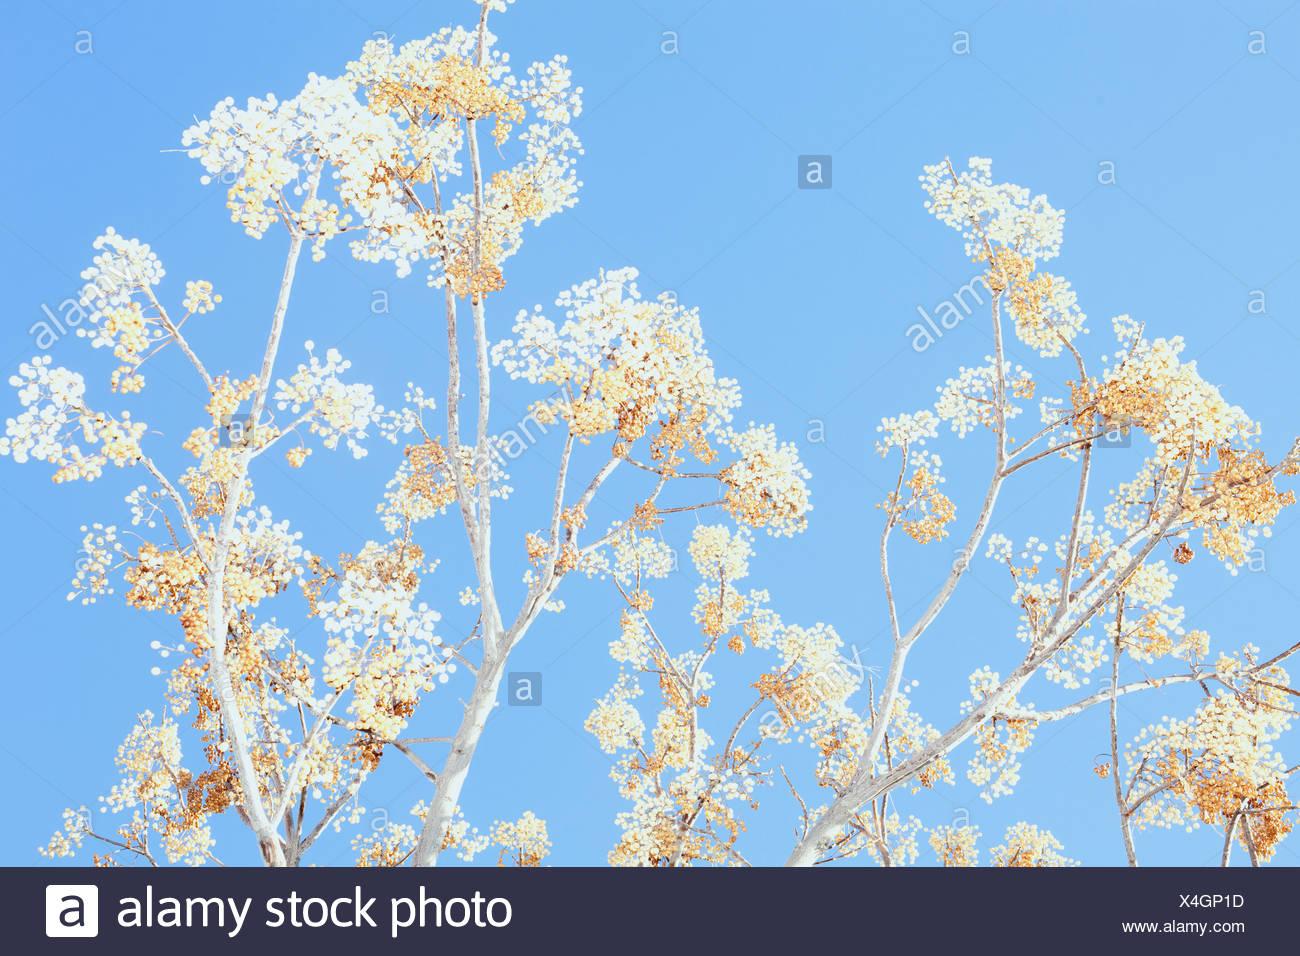 Planta contra el azul claro del cielo Imagen De Stock